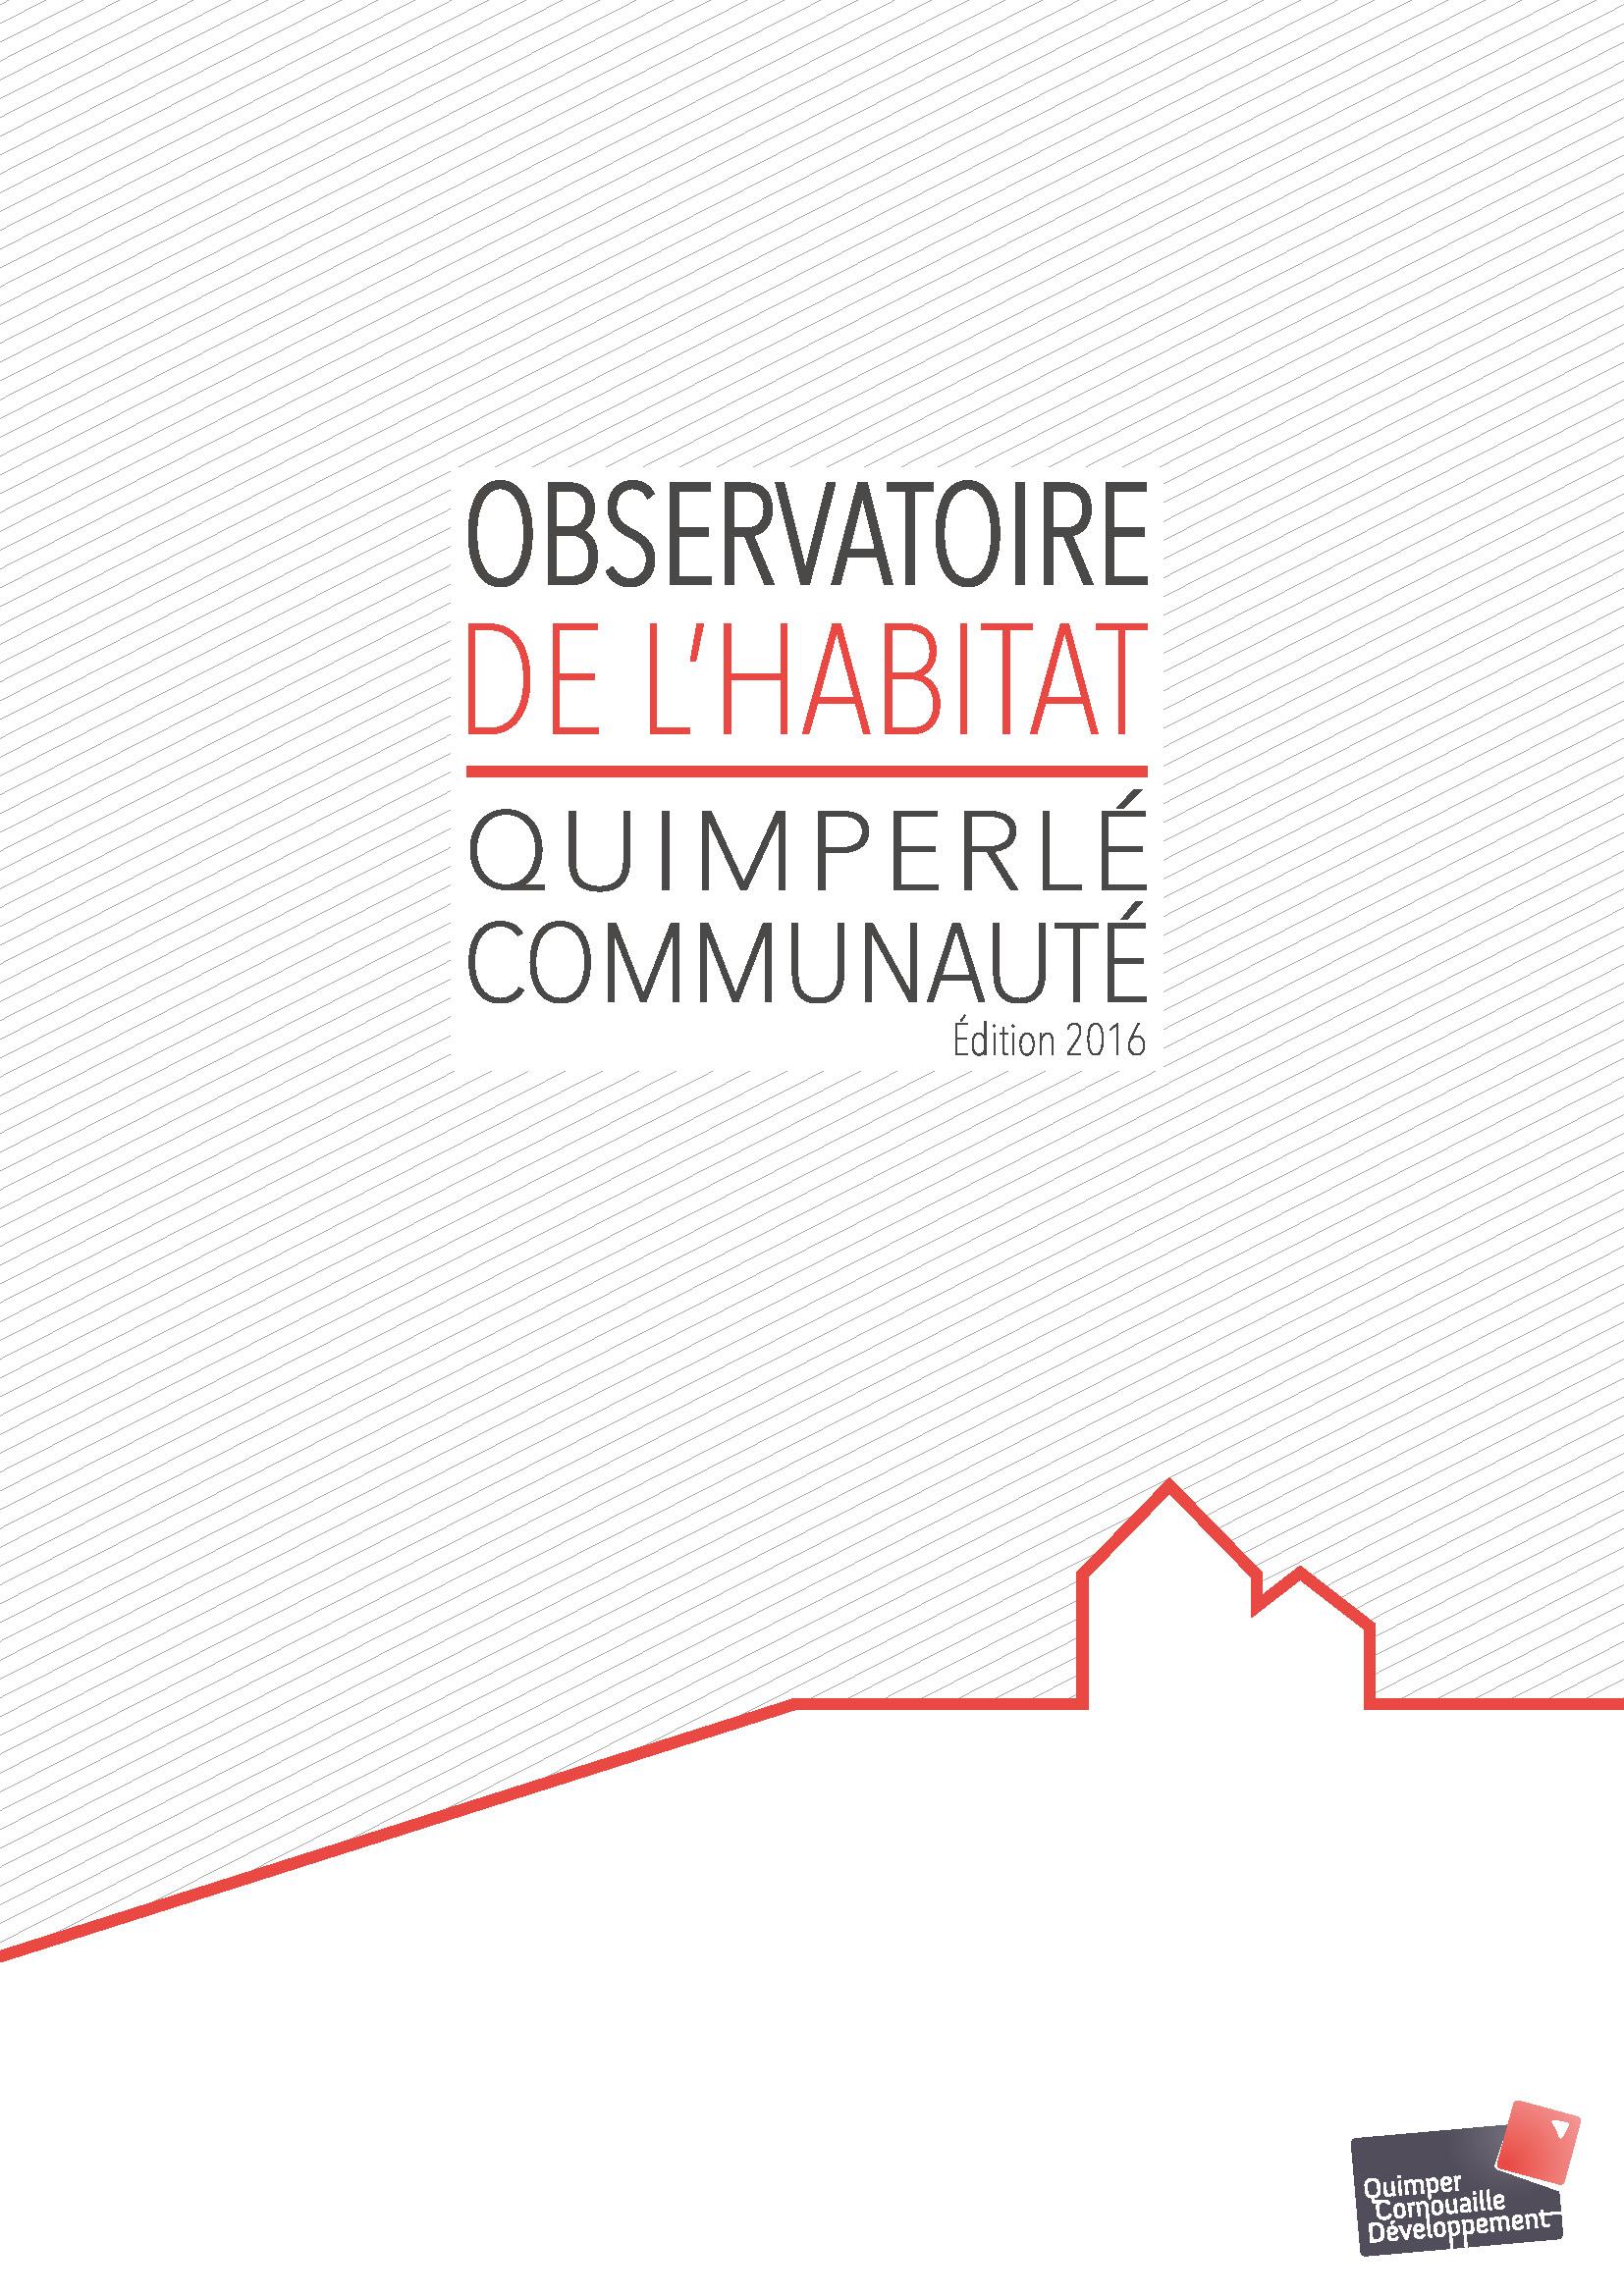 Observatoire de l'habitat CA Quimperlé Communauté - 2016